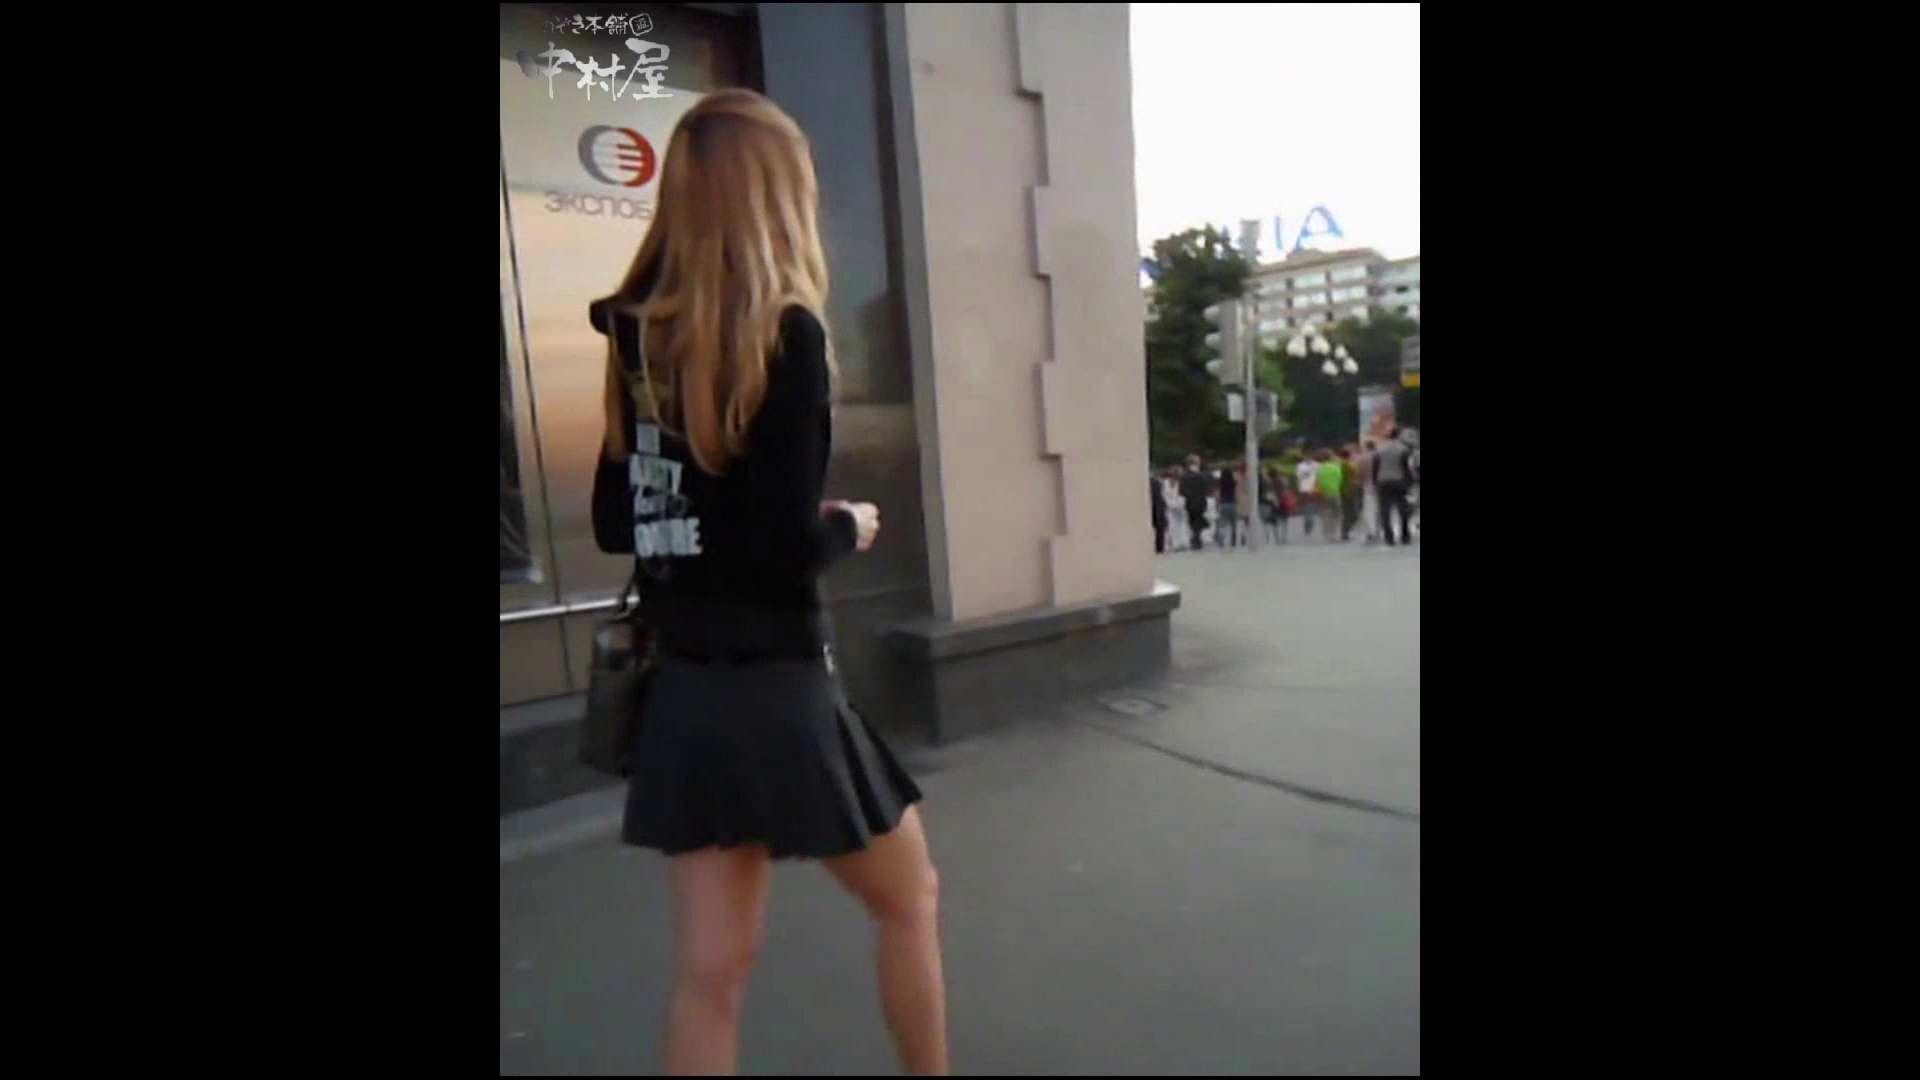 綺麗なモデルさんのスカート捲っちゃおう‼ vol26 Hなお姉さん | HなOL  76pic 11